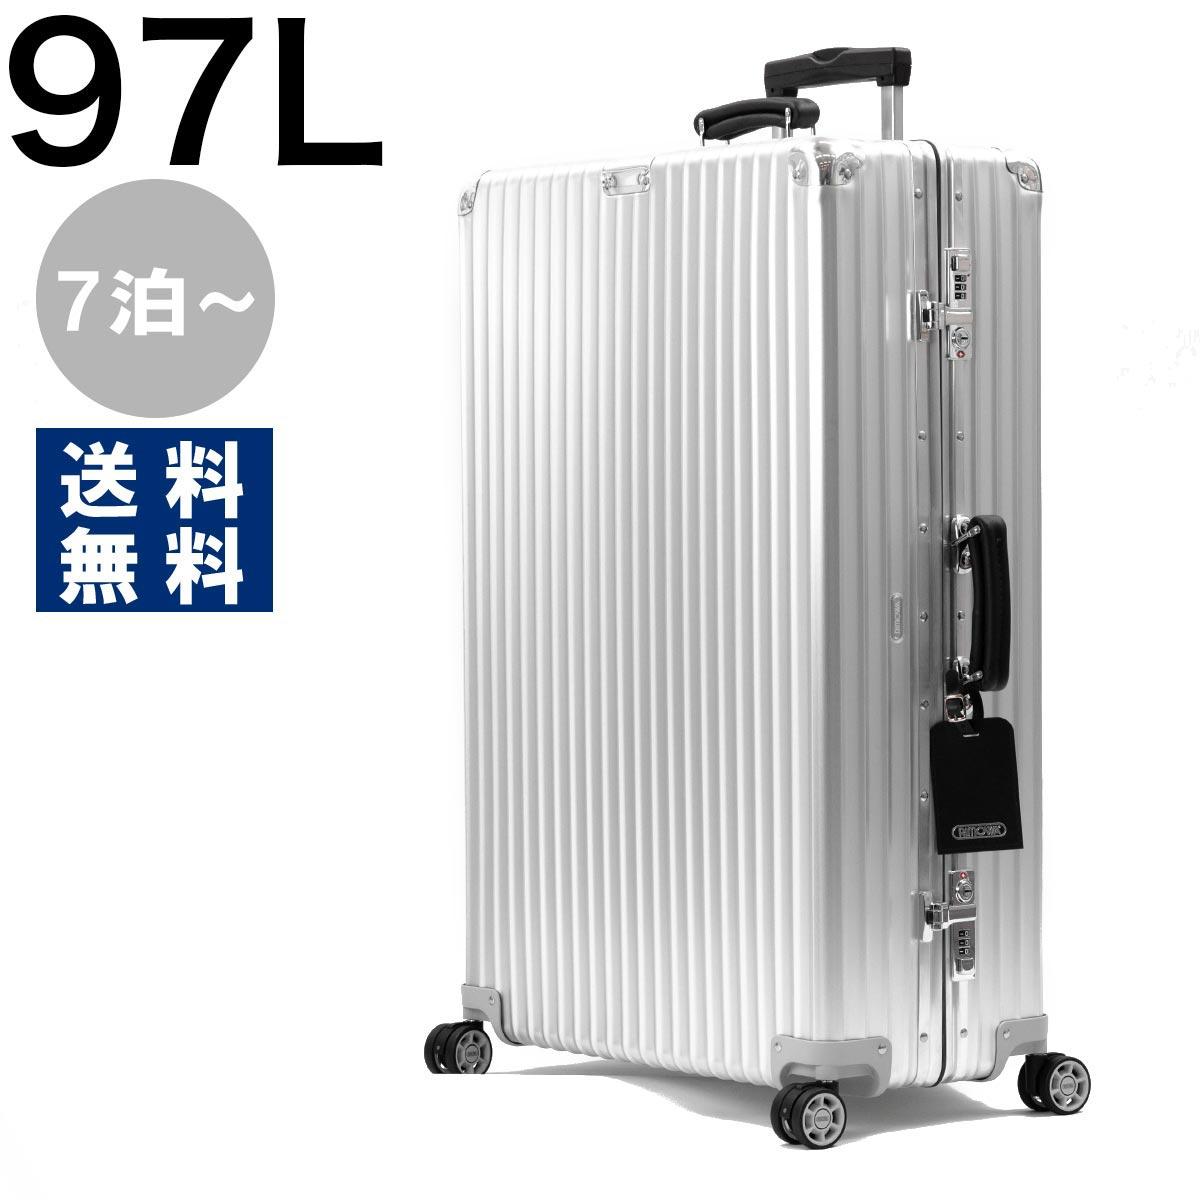 リモワ スーツケース/旅行用バッグ バッグ メンズ レディース クラシック フライト 97L 7泊~ シルバー&ダークブラウン 971.77.00.4 RIMOWA